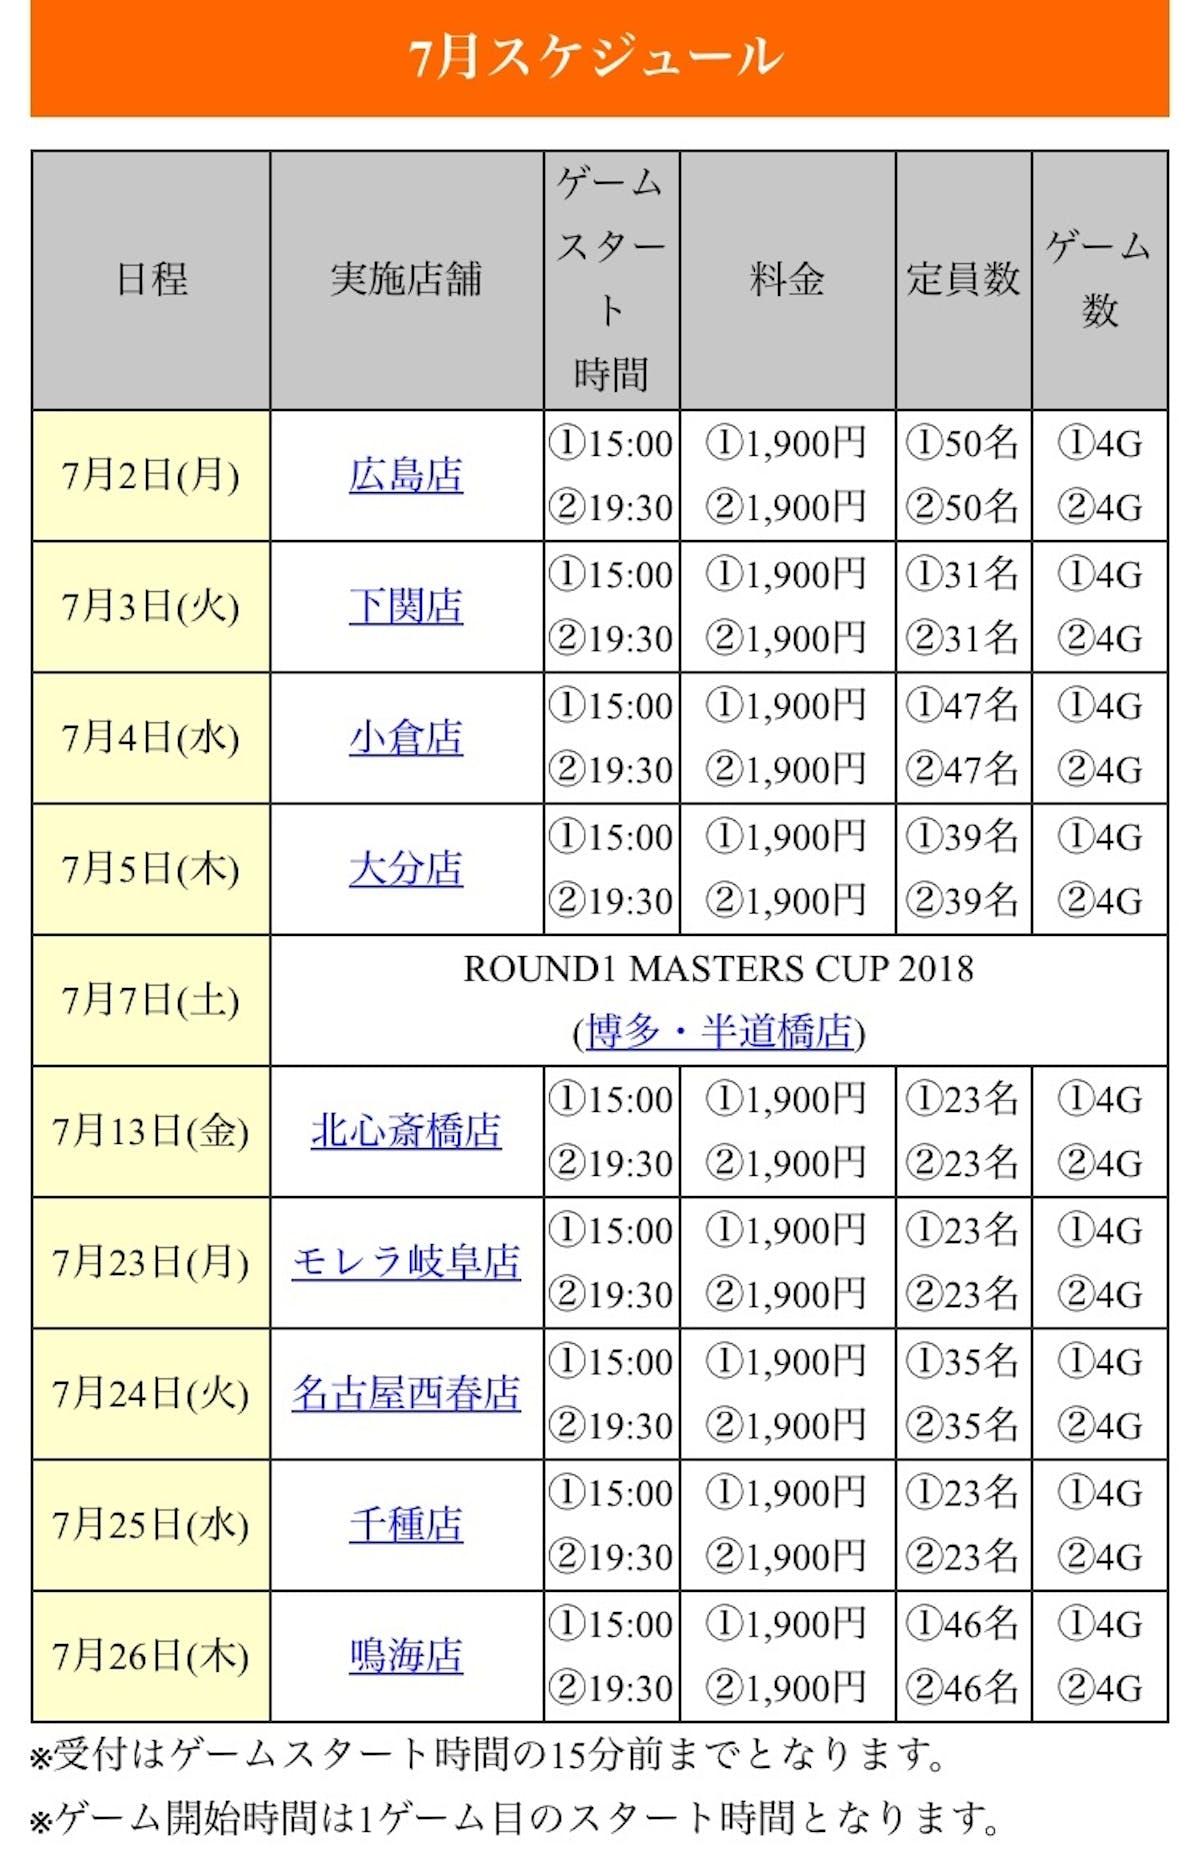 12EBDE33-3F5E-4178-B171-5B45407AE329.jpeg